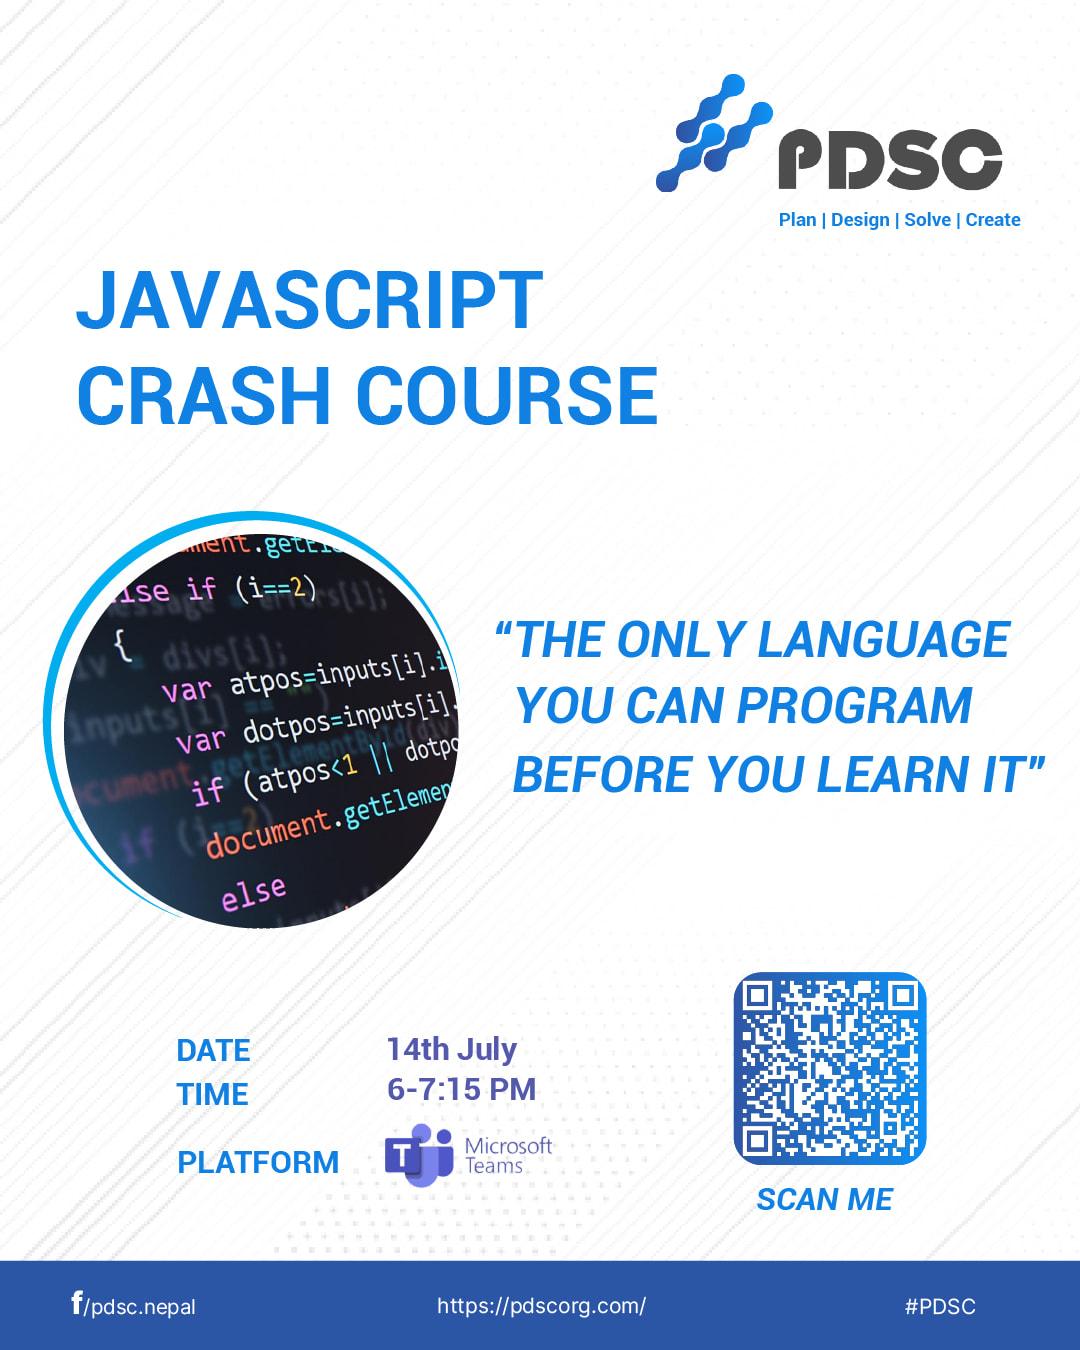 JavaScript Crash Course By PDSC